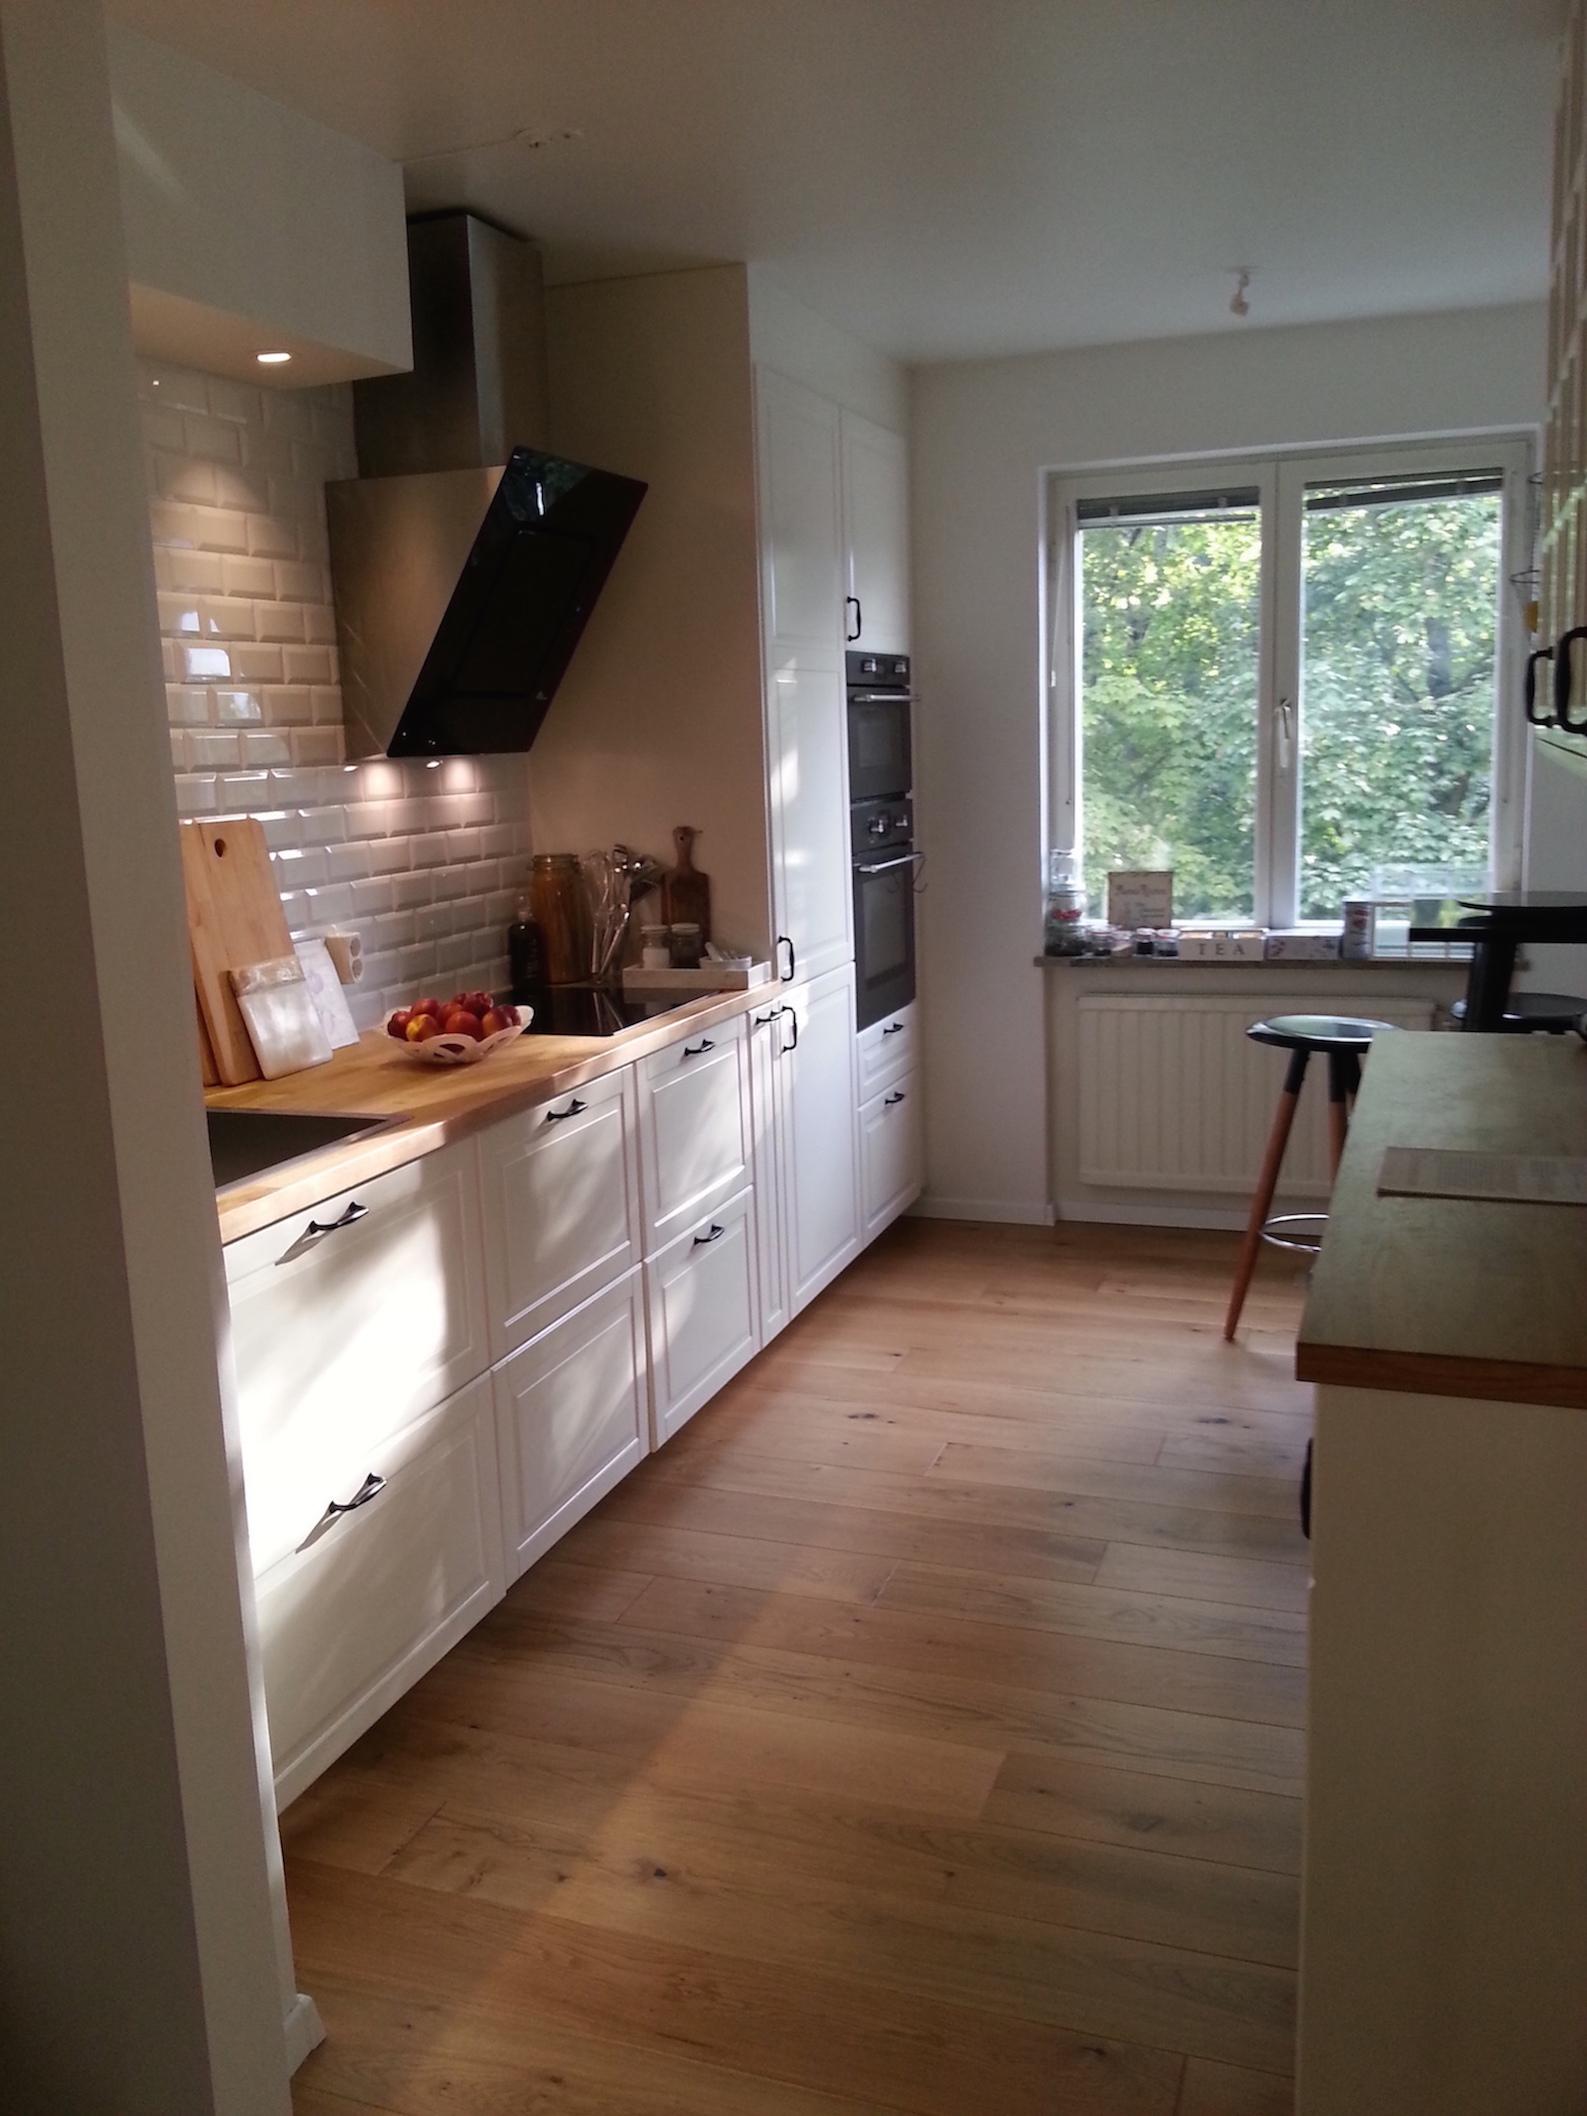 Exklusiv lägenhet i bästa läge i Solna